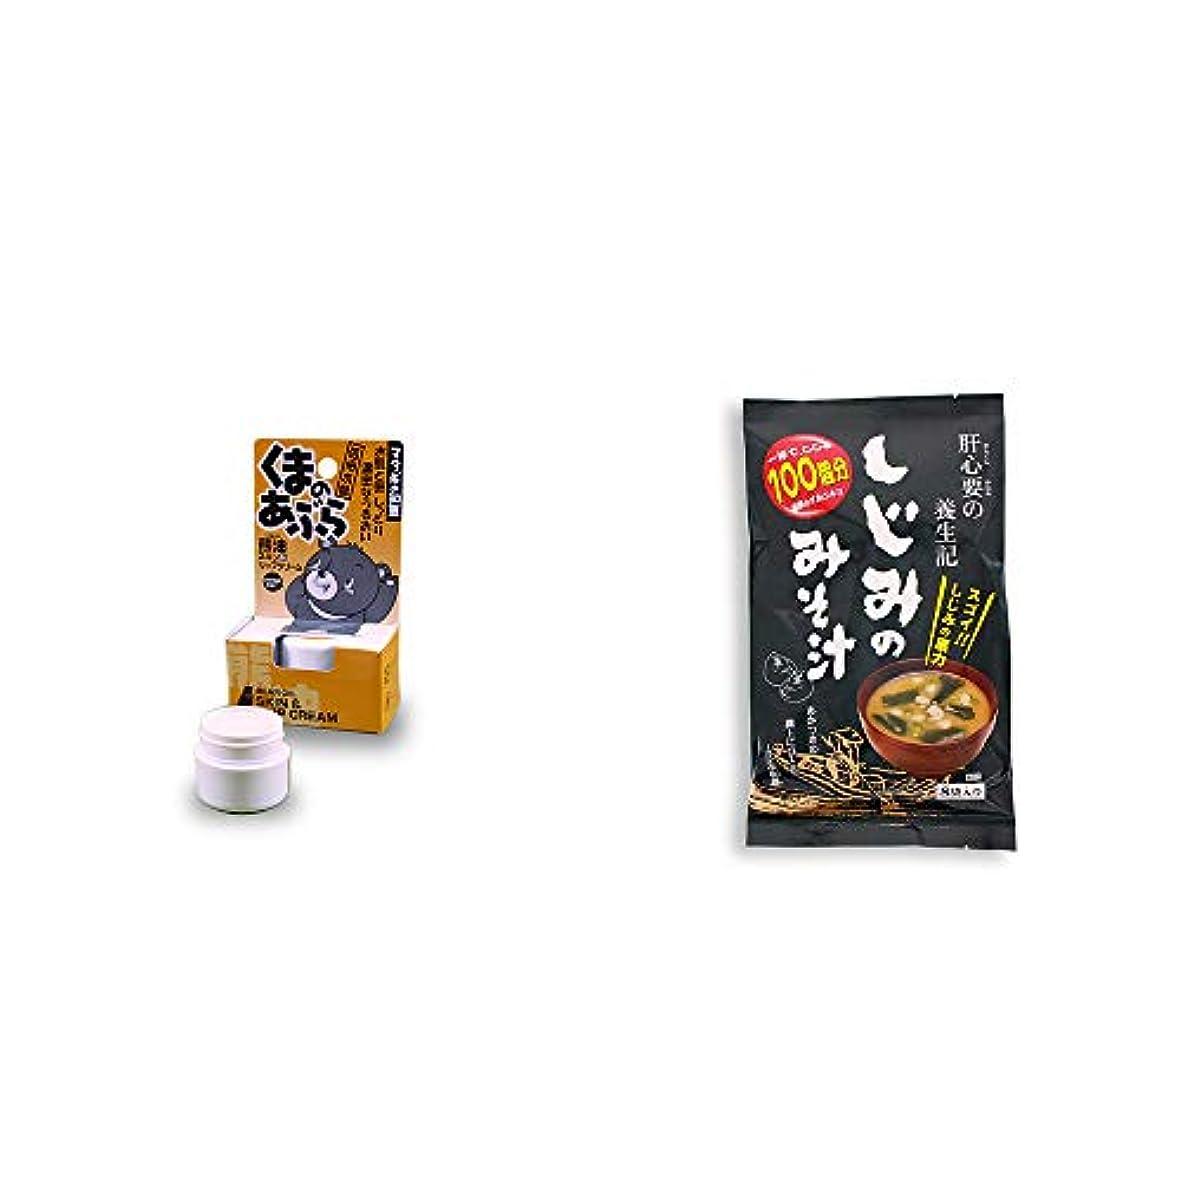 回復するガチョウ弱点[2点セット] 信州木曽 くまのあぶら 熊油スキン&リップクリーム(9g)?肝心要の養生記 しじみのみそ汁(56g(7g×8袋))